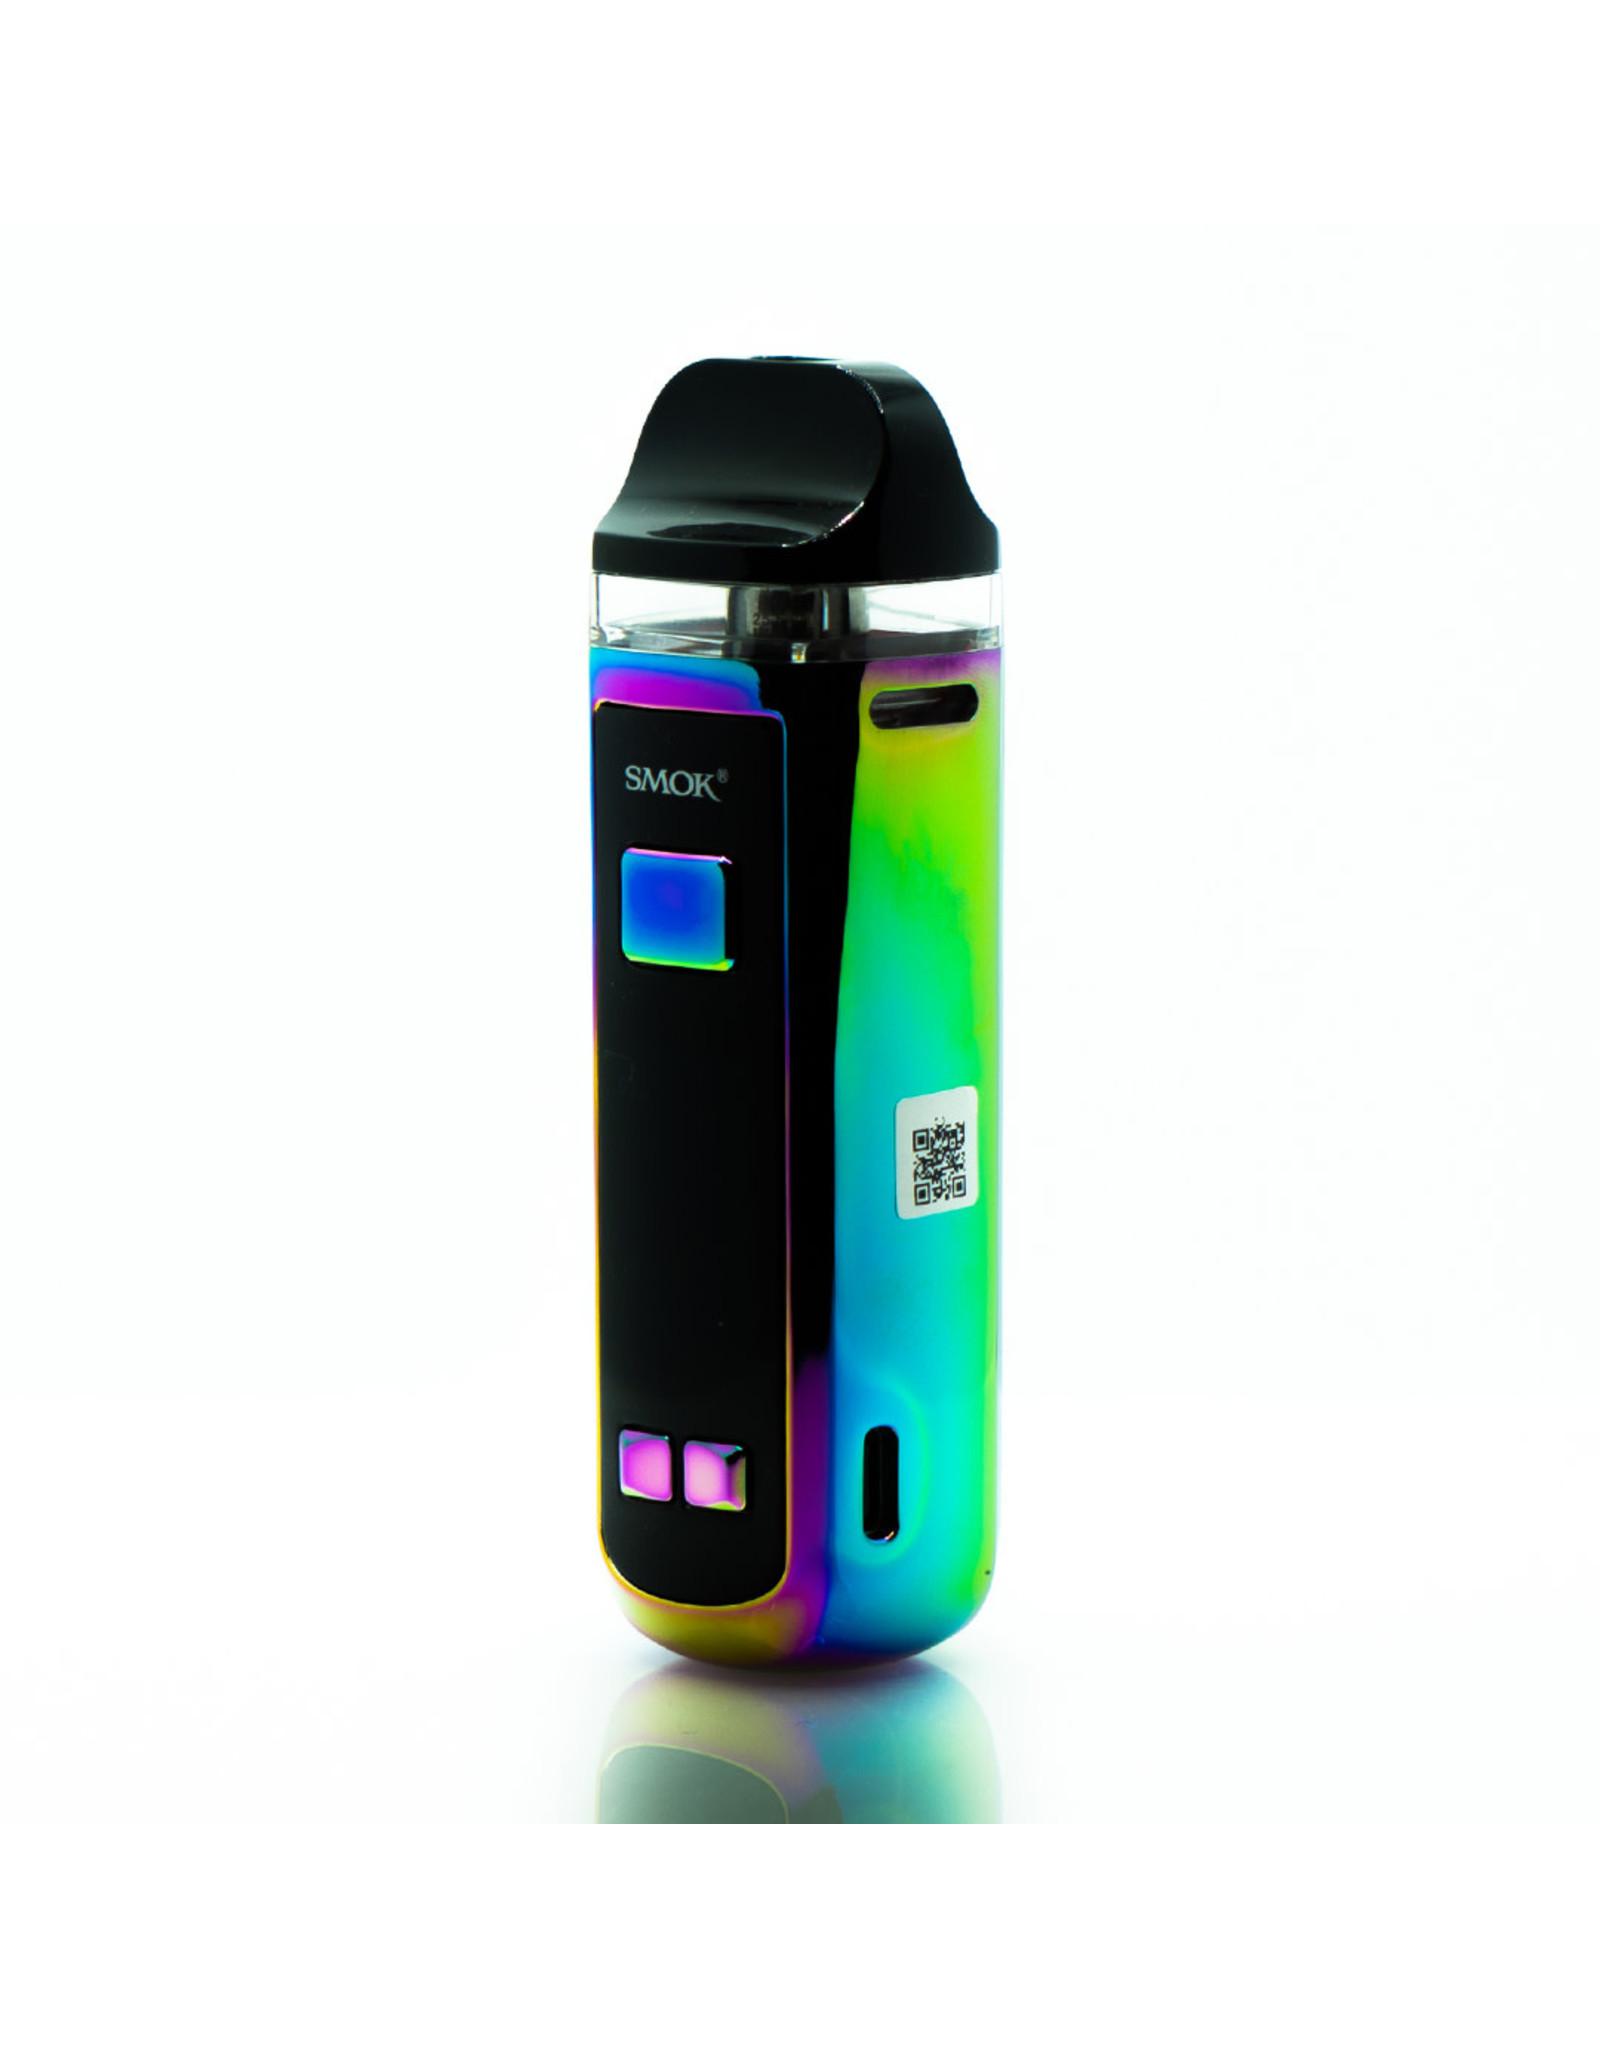 SMOK SMOK: RPM 2-